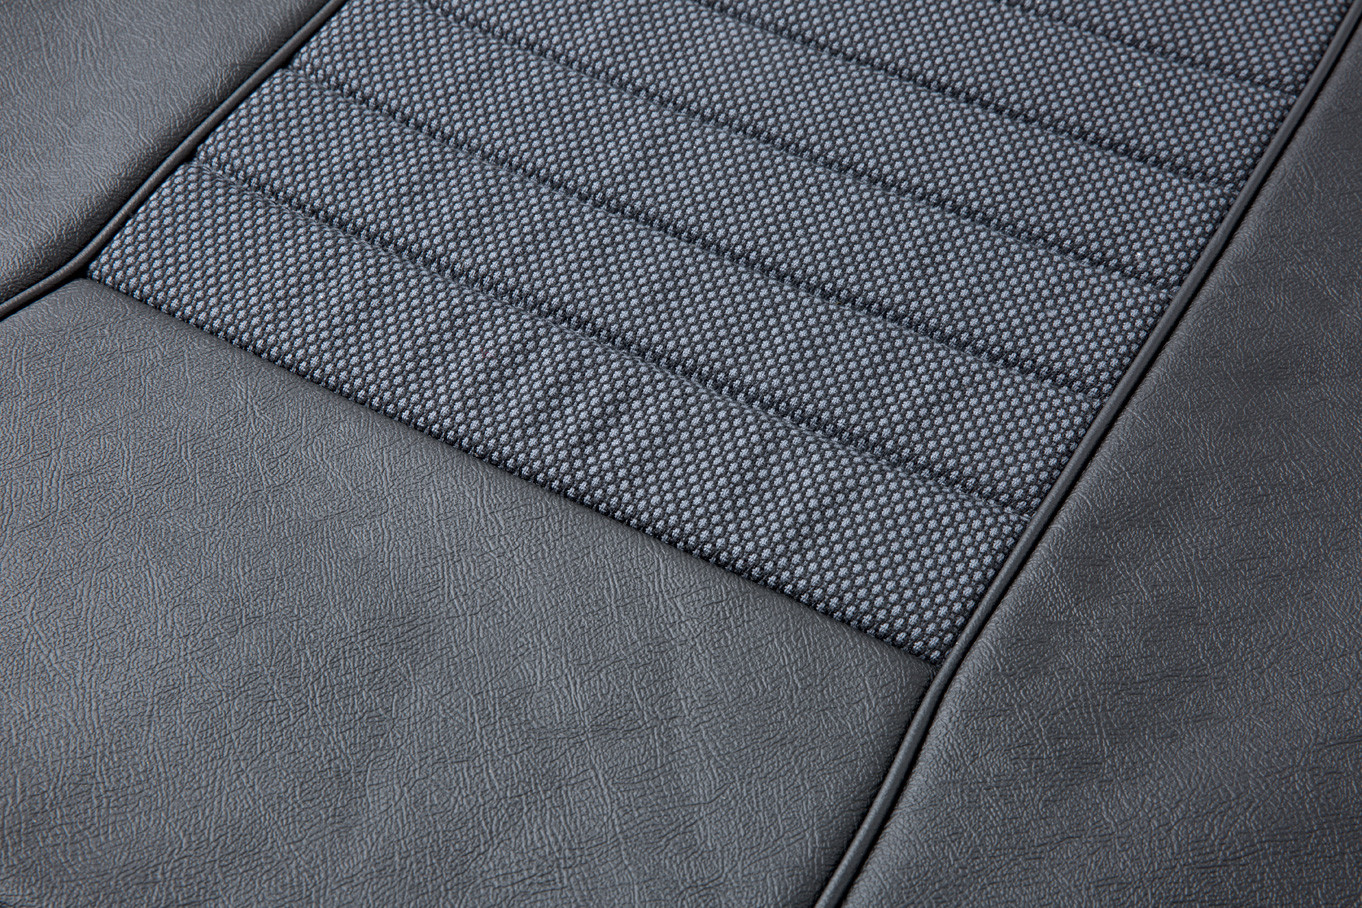 Vinyl seat covers